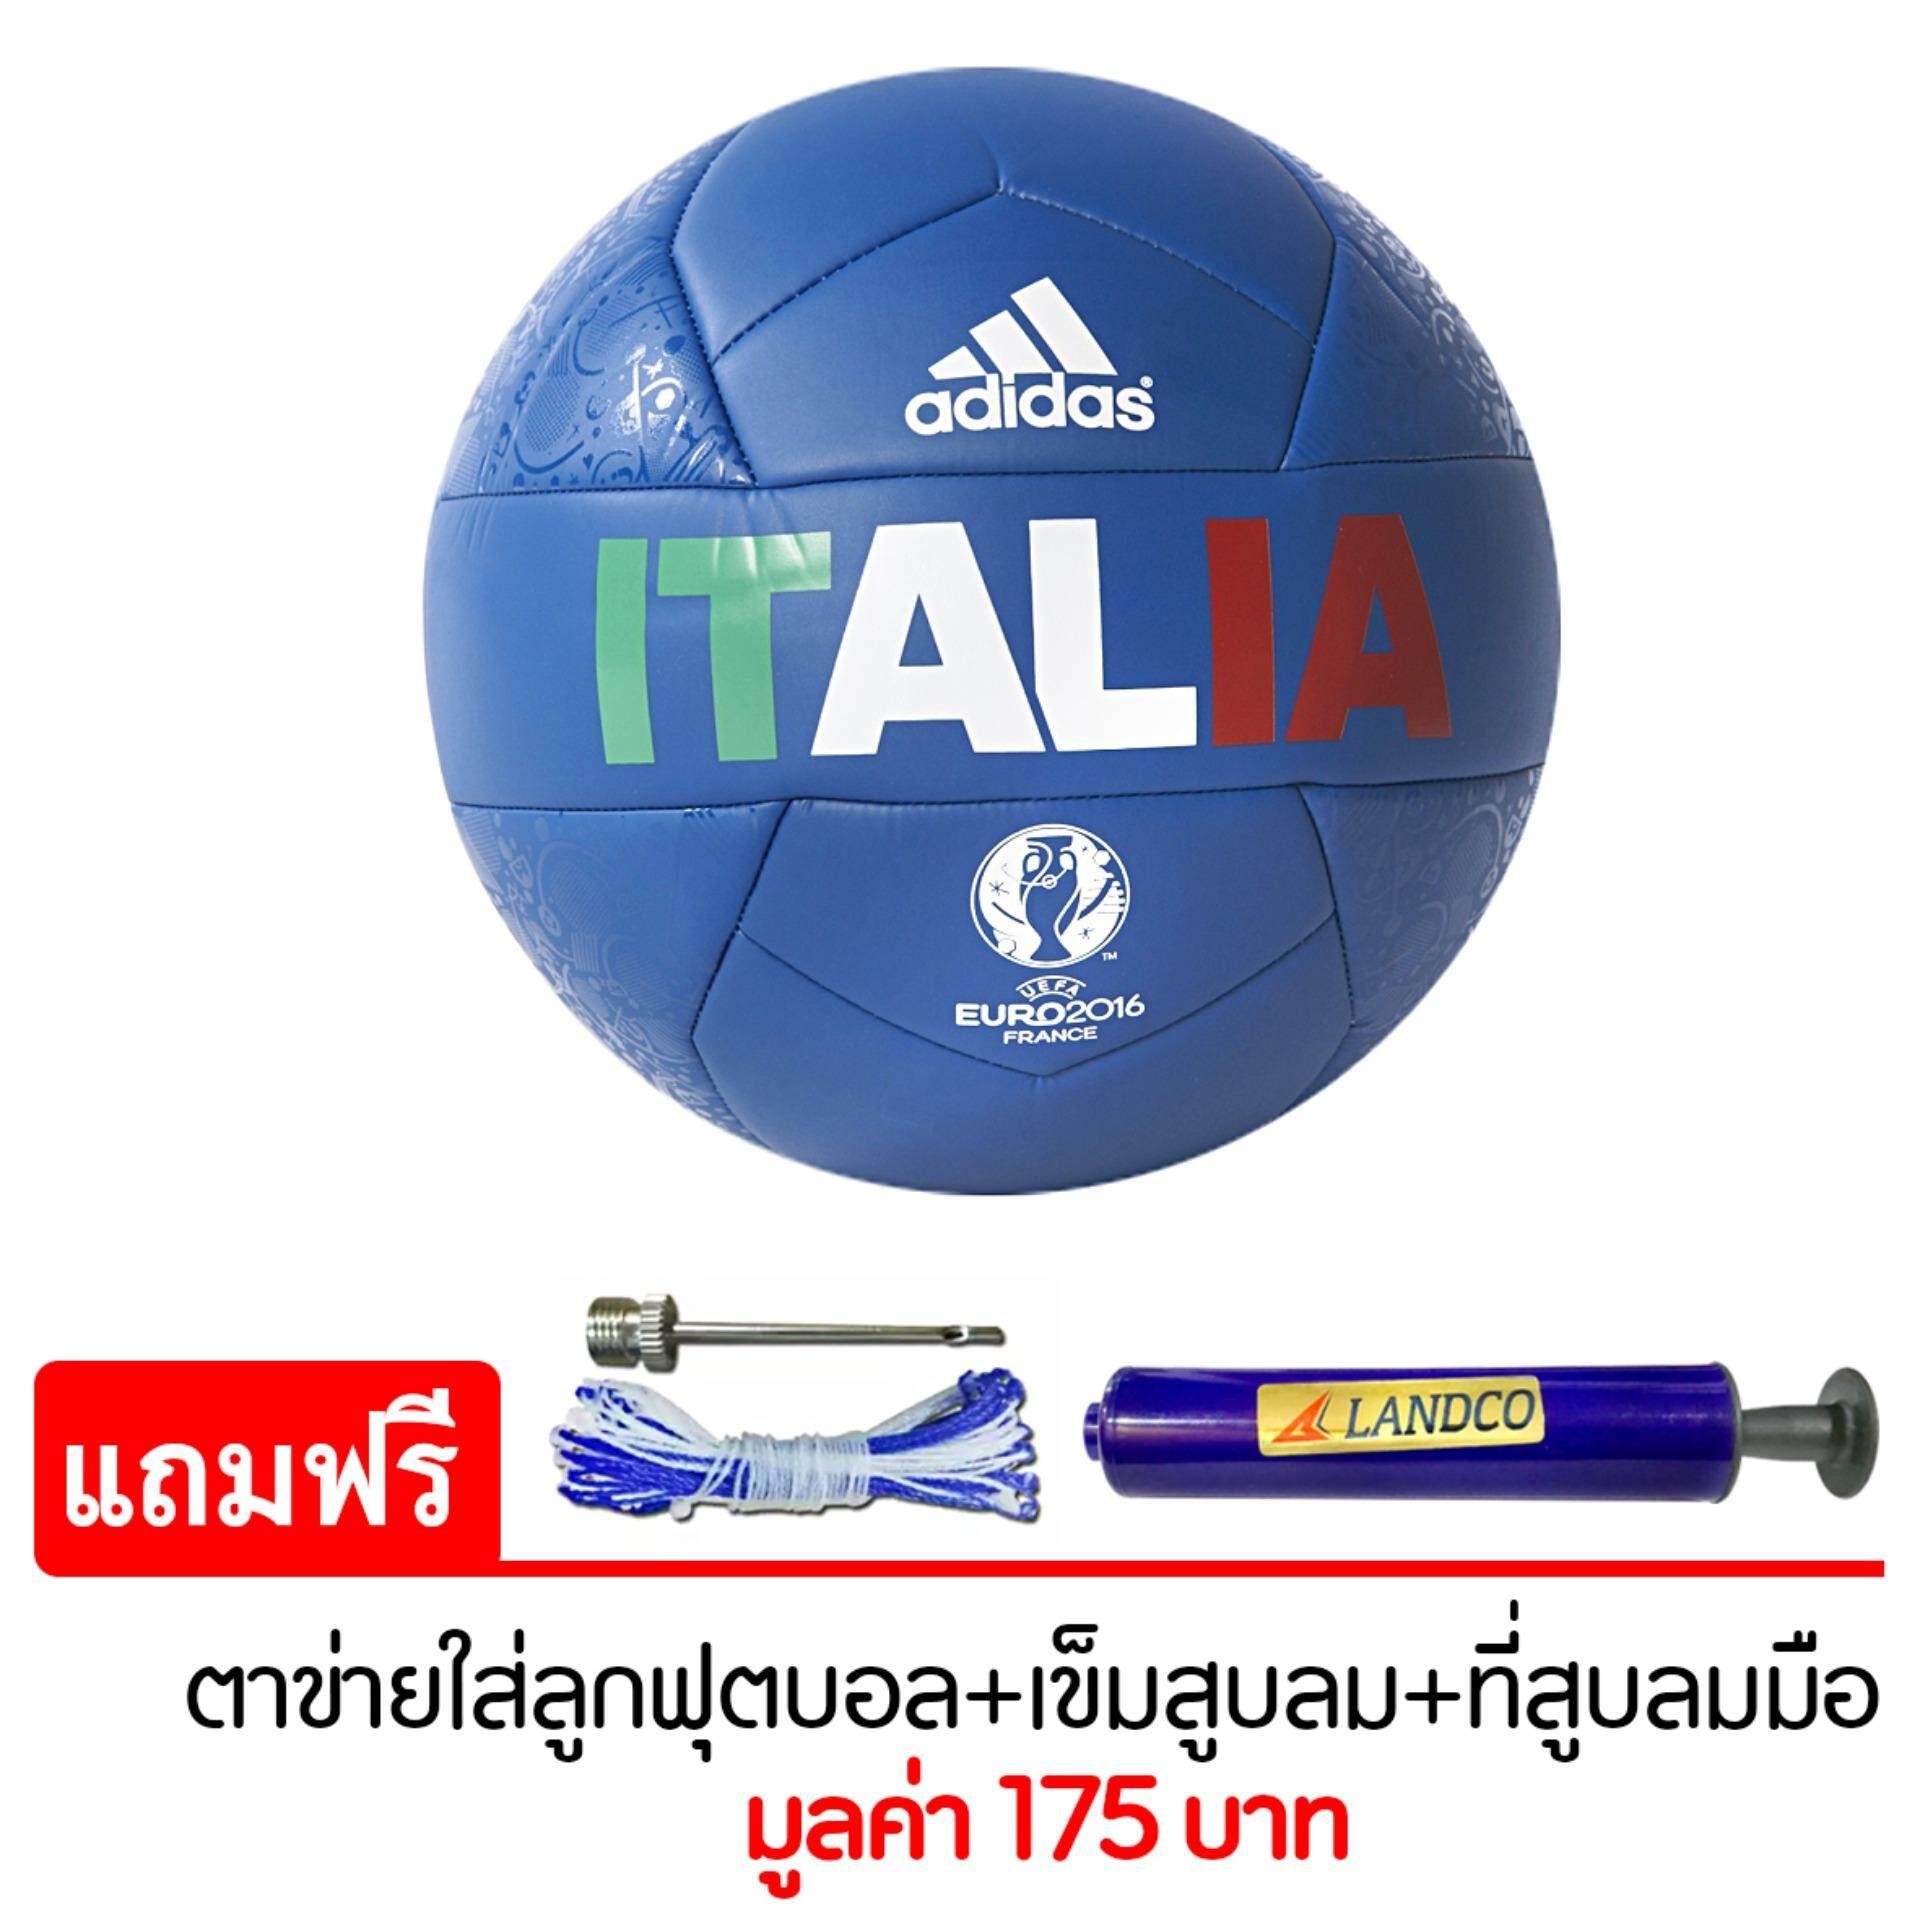 ซื้อ Adidas ฟุตบอลหนัง อาดิดาส อิตาลี ยูโร 2016 Football Euro16 Italy Ac5458 แถมฟรี ตาข่ายใส่ลูกฟุตบอล เข็มสูบสูบลม สูบมือ Spl รุ่น Sl6 สีน้ำเงิน ถูก ใน กรุงเทพมหานคร